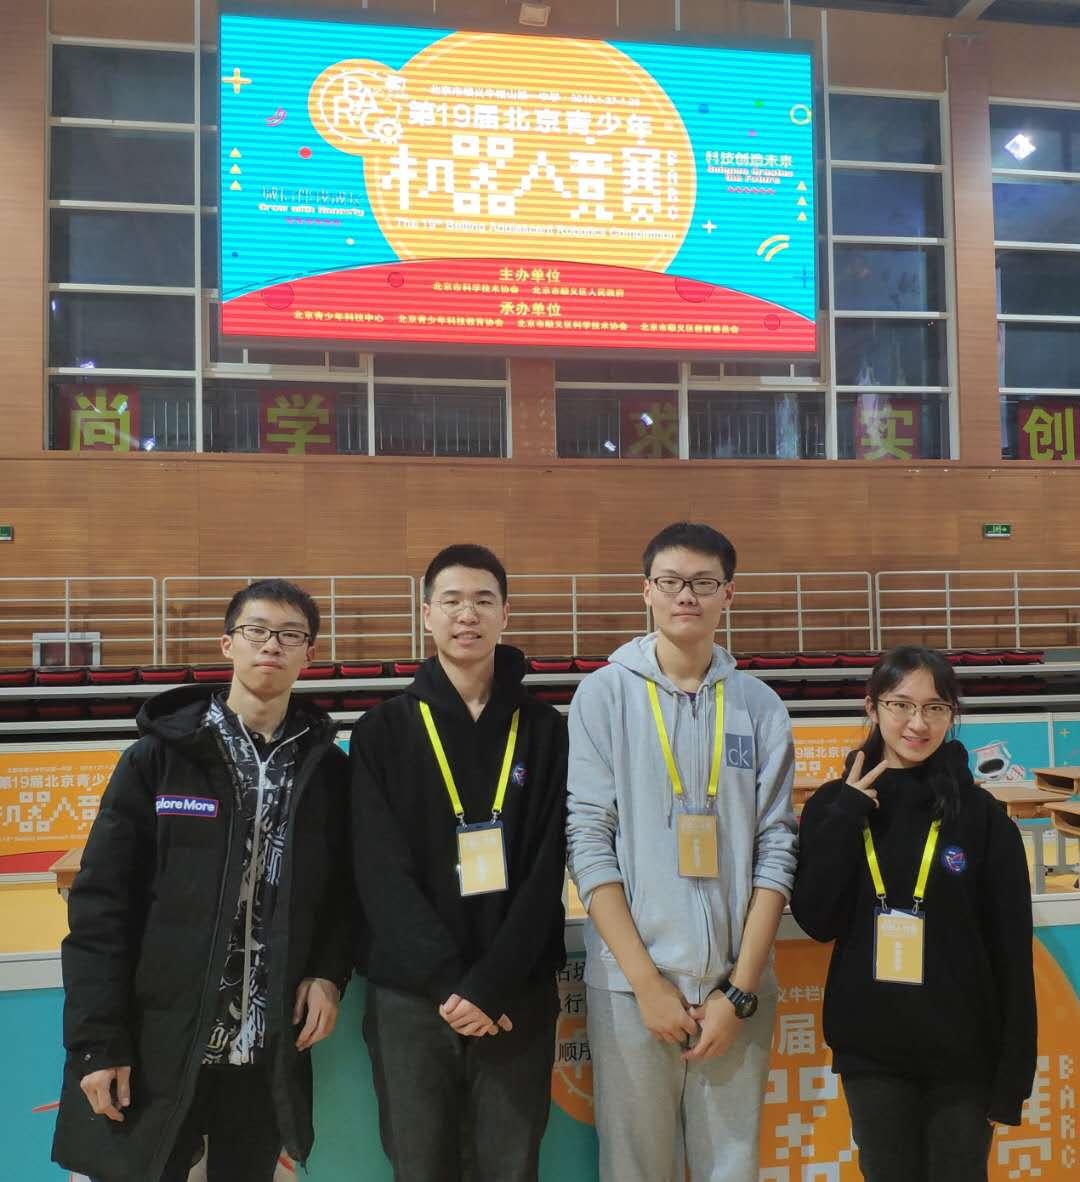 澳门青少年机器人竞赛高中组冠军参赛选手.jpg